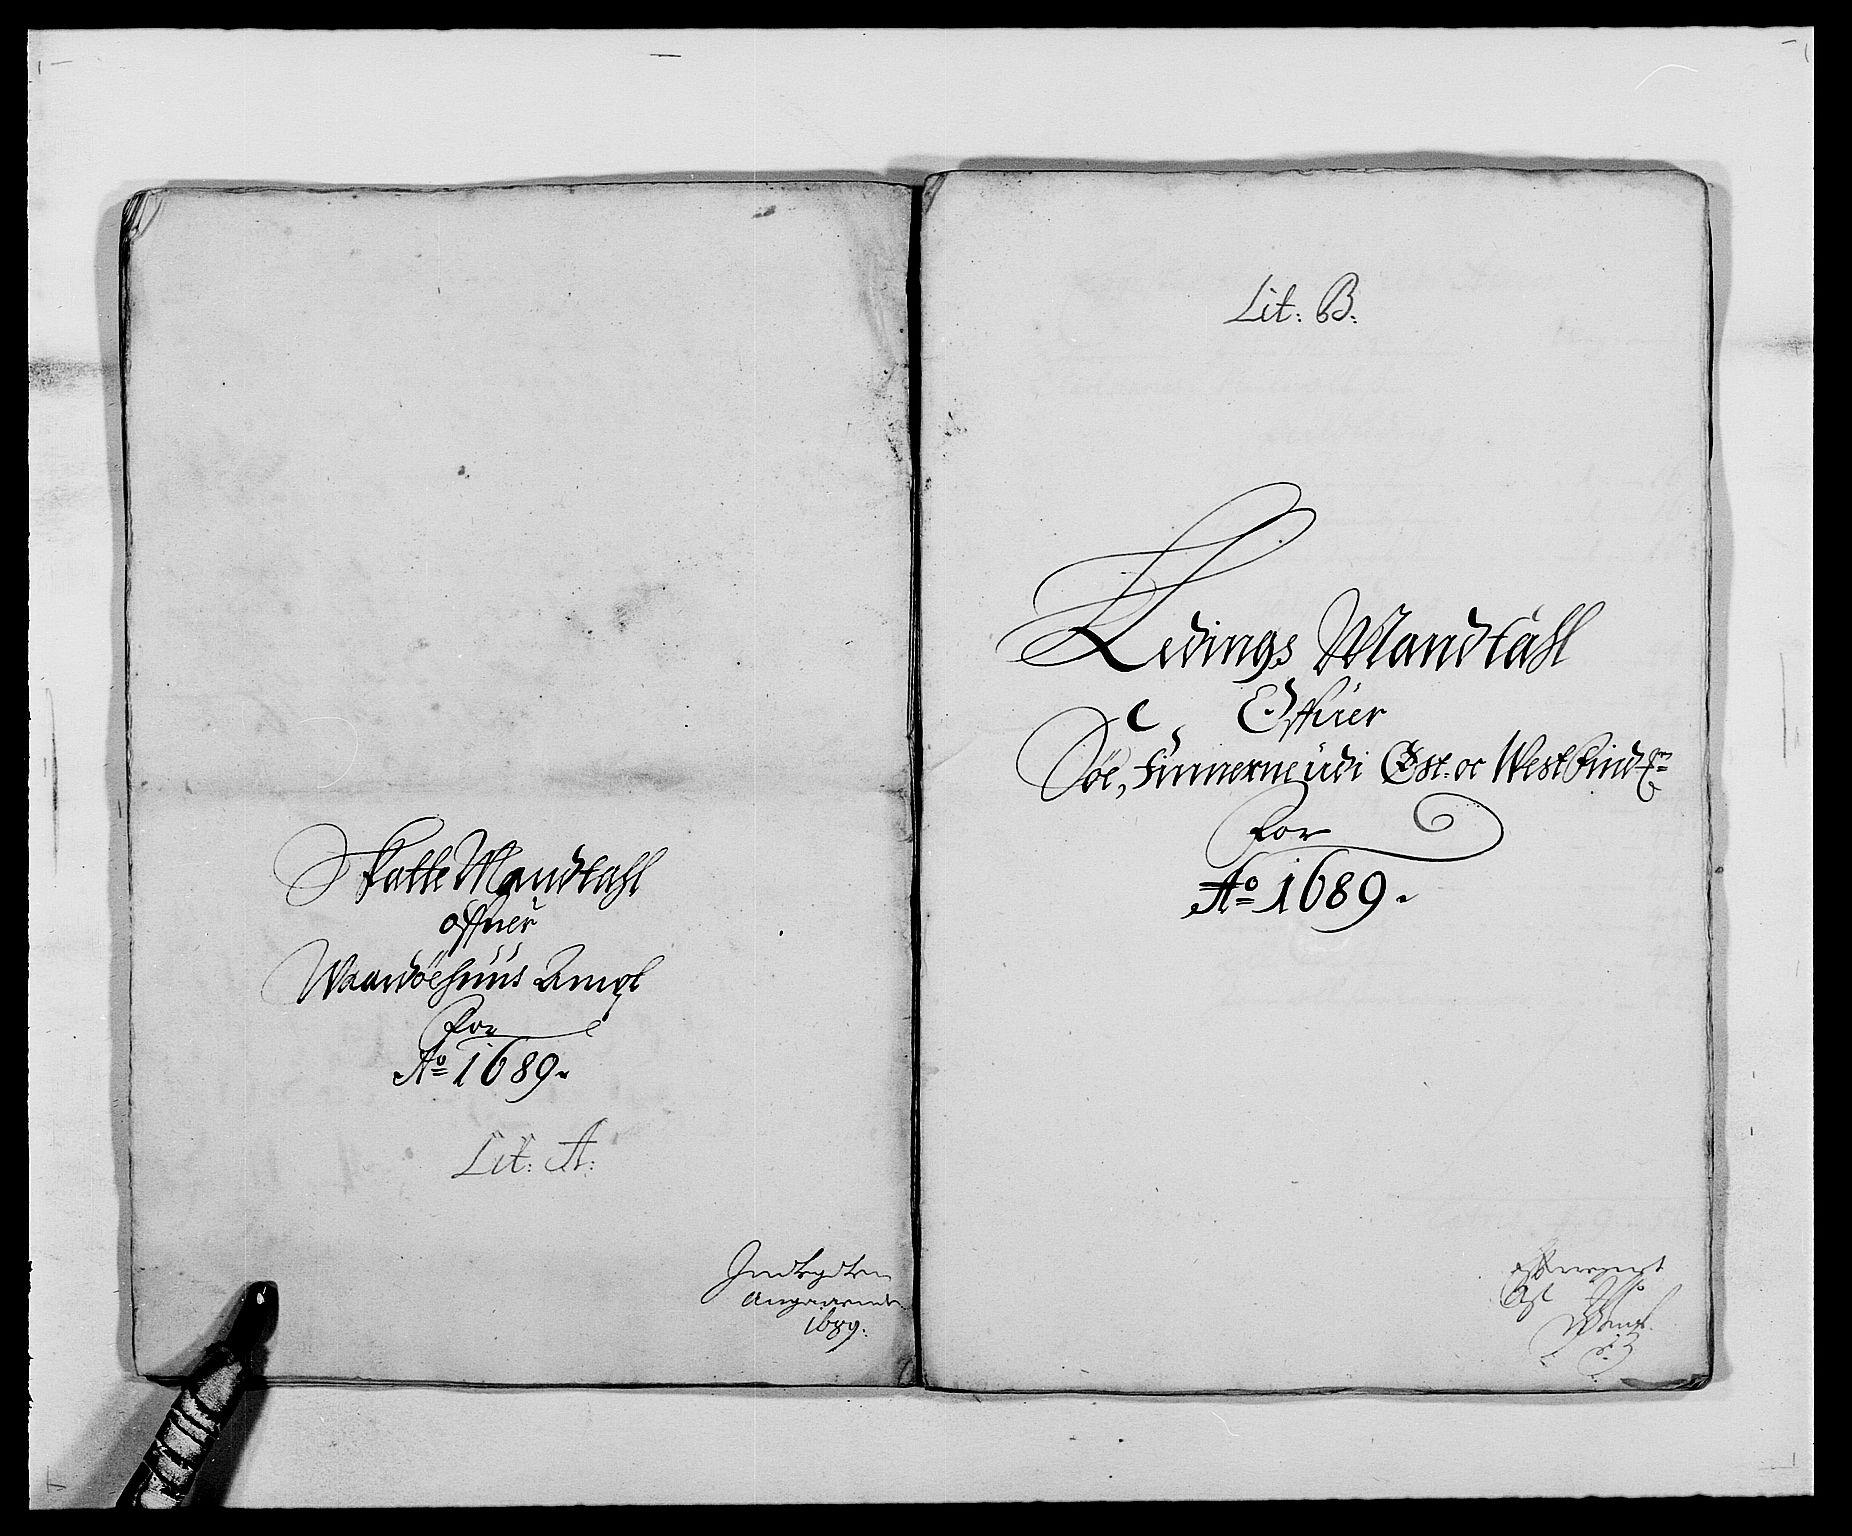 RA, Rentekammeret inntil 1814, Reviderte regnskaper, Fogderegnskap, R69/L4850: Fogderegnskap Finnmark/Vardøhus, 1680-1690, s. 135